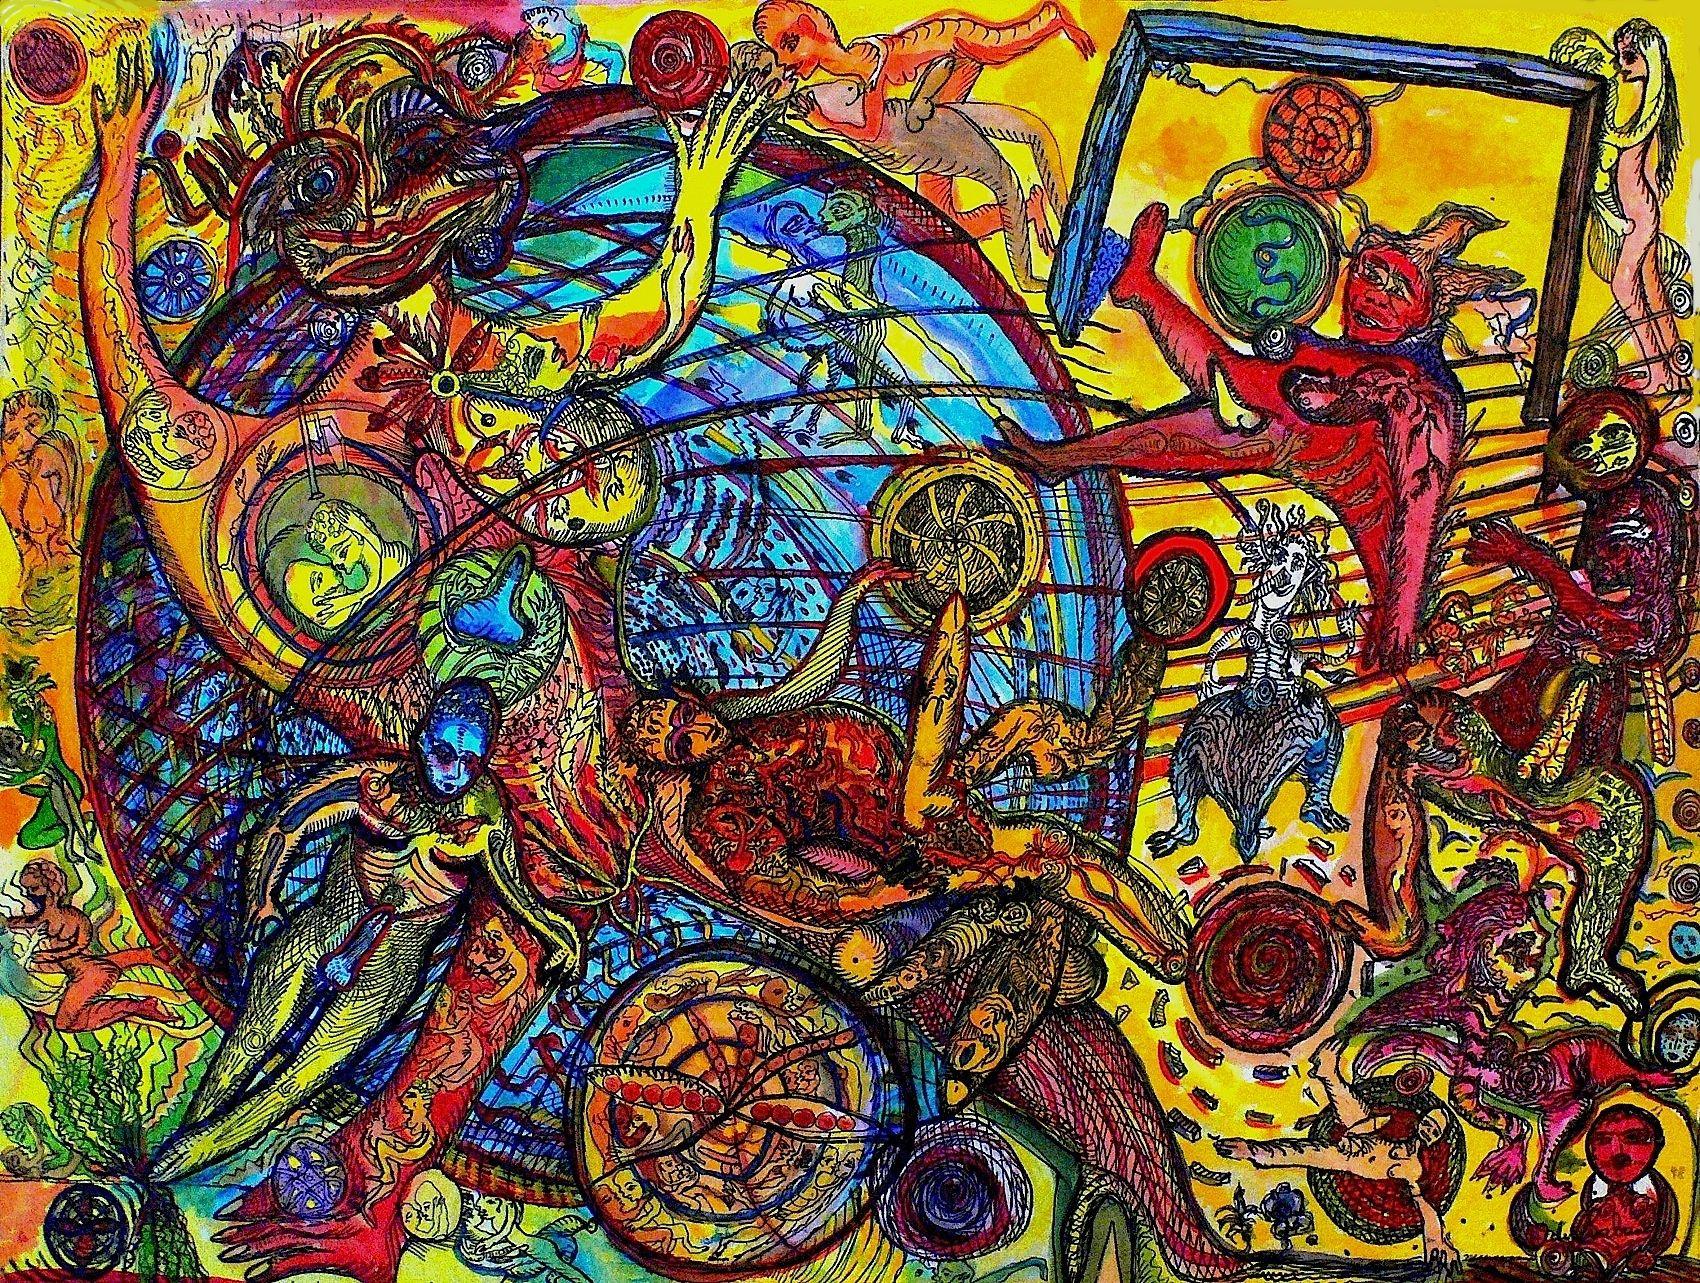 Outsider Art Outsider Art Art Brut Art Singulier Self Taught Andre Robillard Jesse Outsider Art Cobra Art Art Inspiration